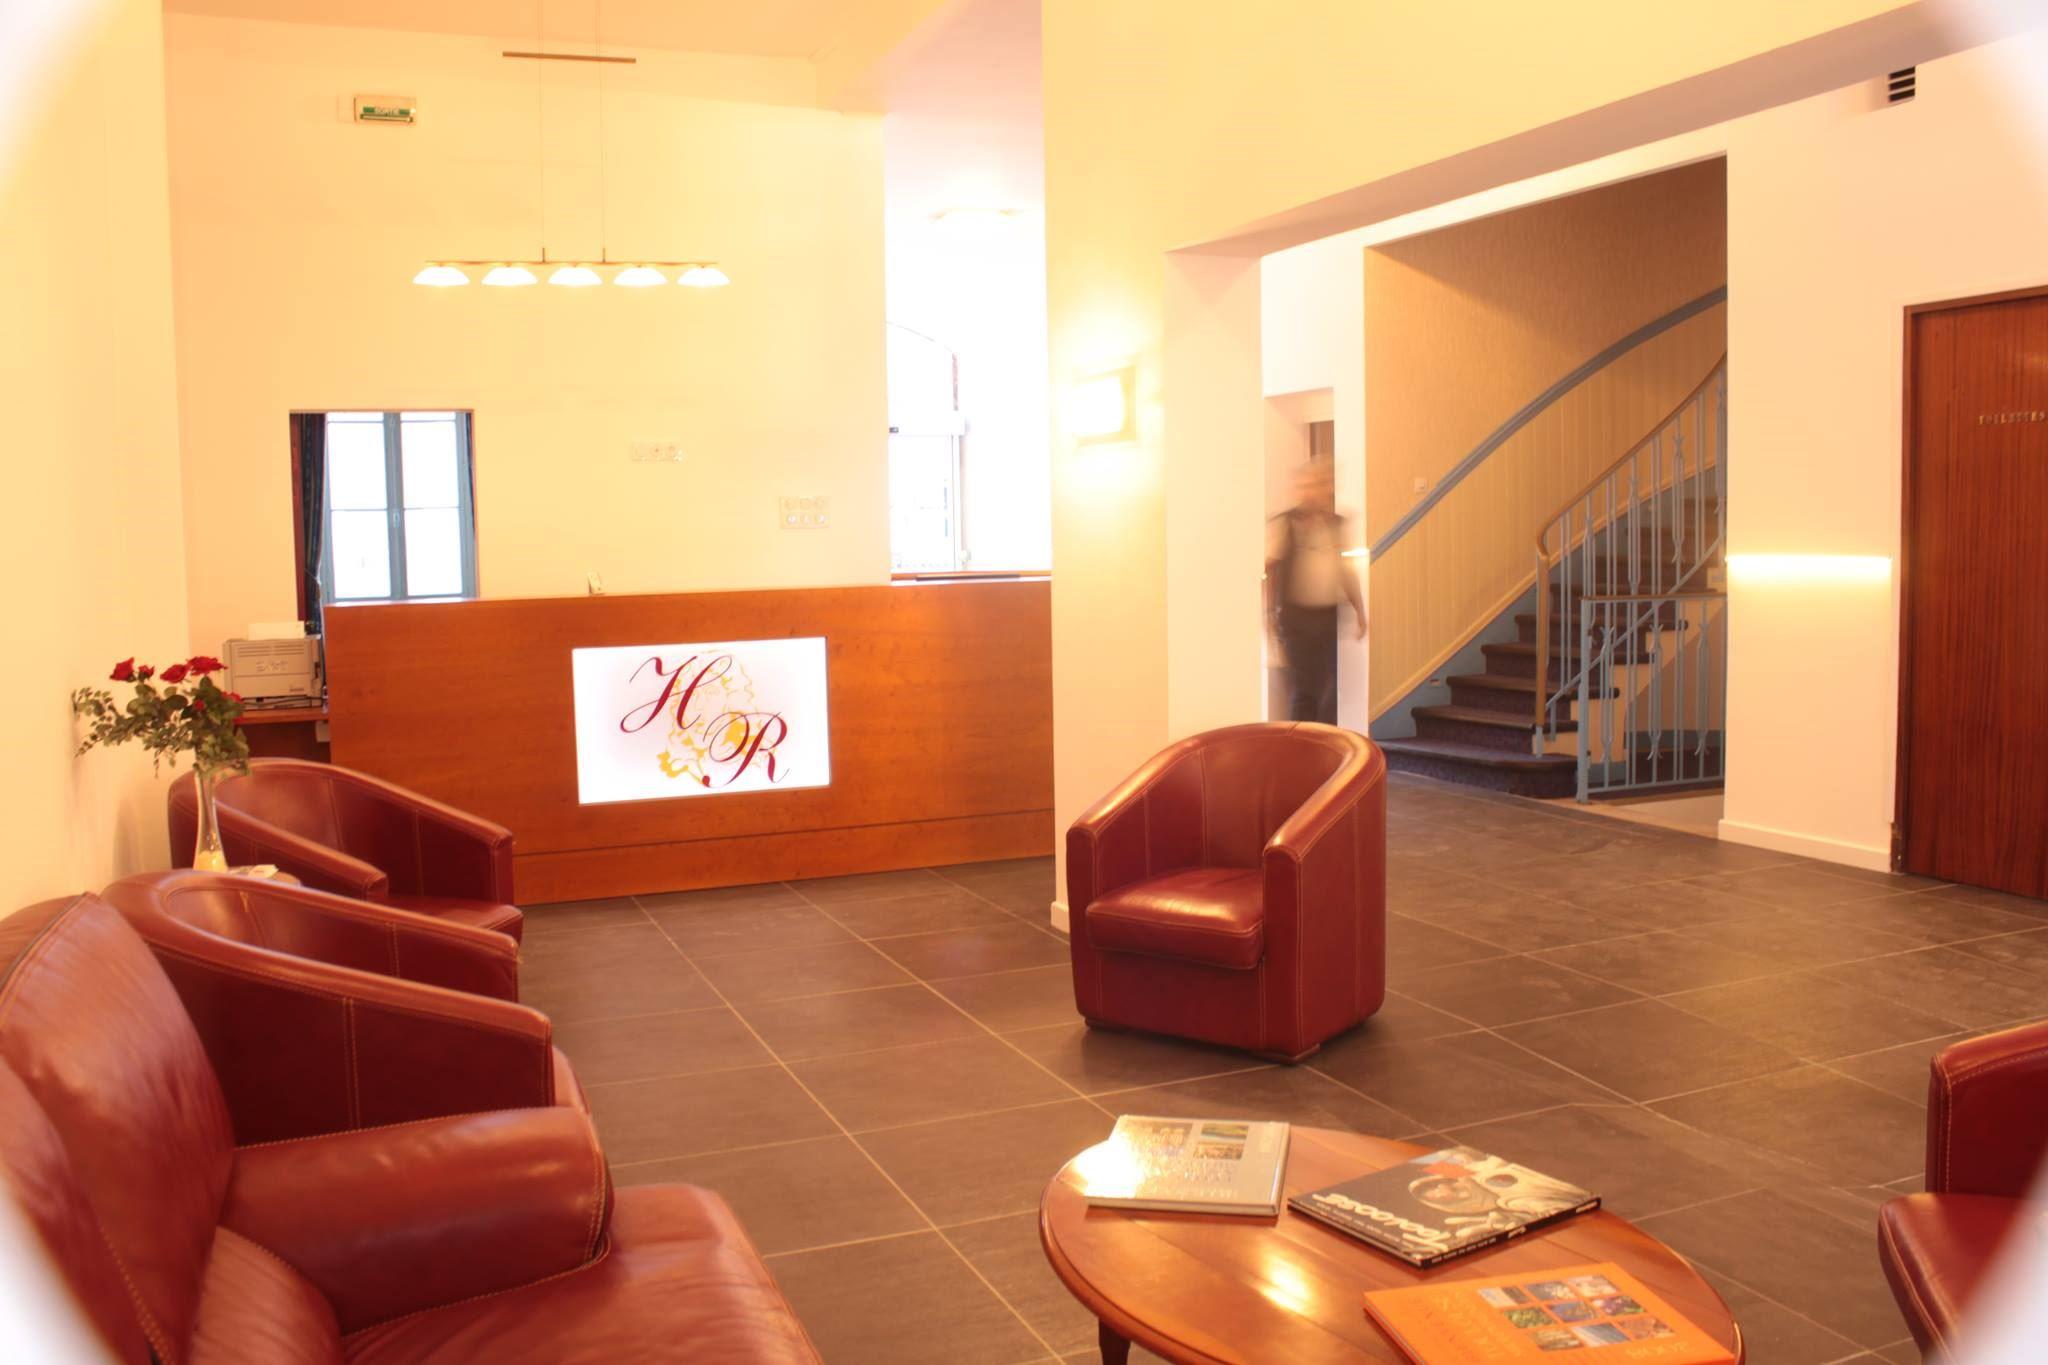 Hôtel Riquet